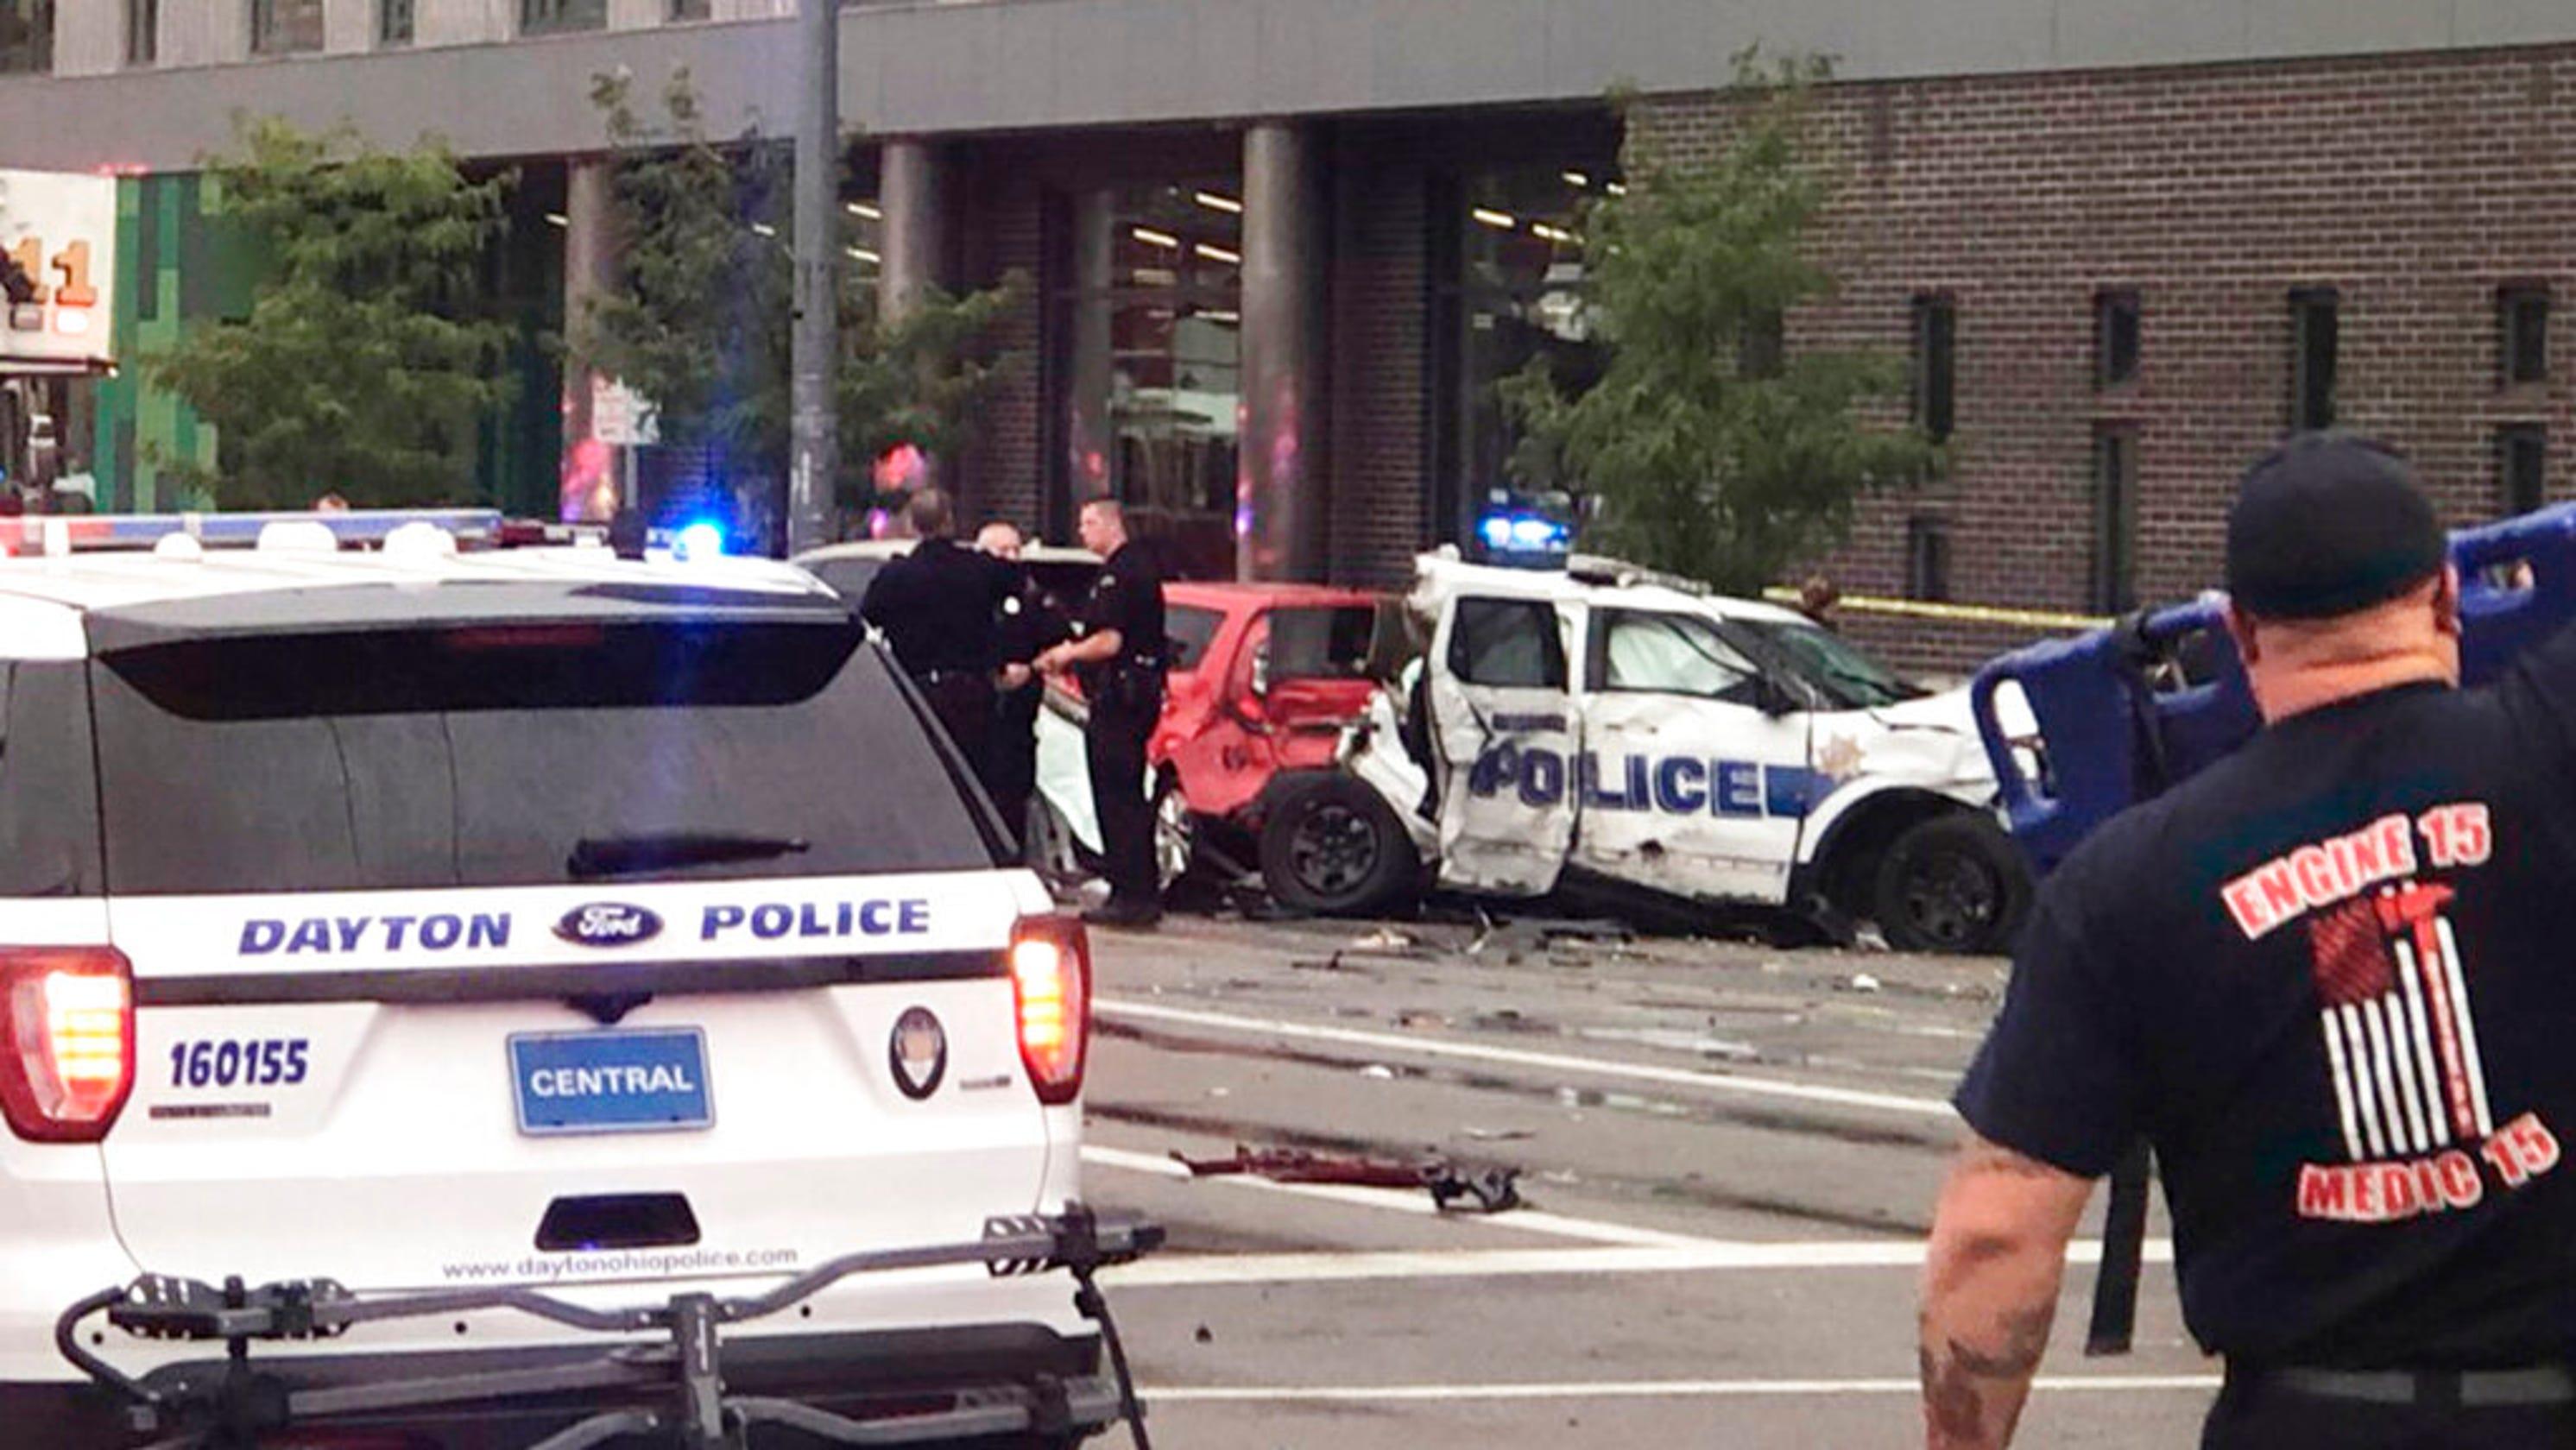 Dayton crash: Police to seek murder charges in stolen